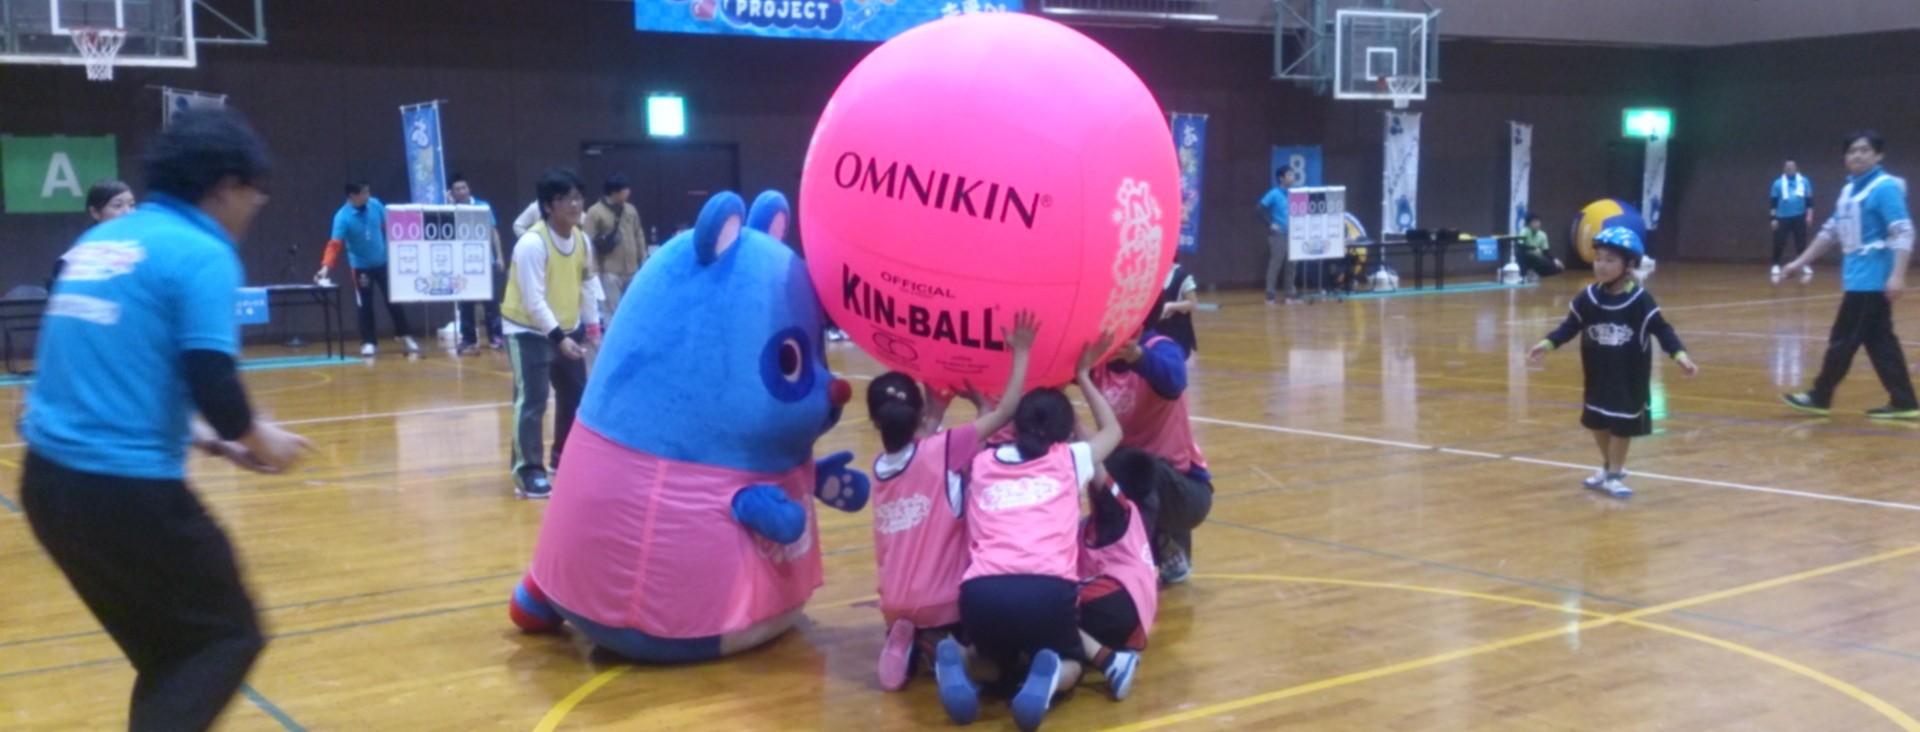 香川県キンボールスポーツ連盟